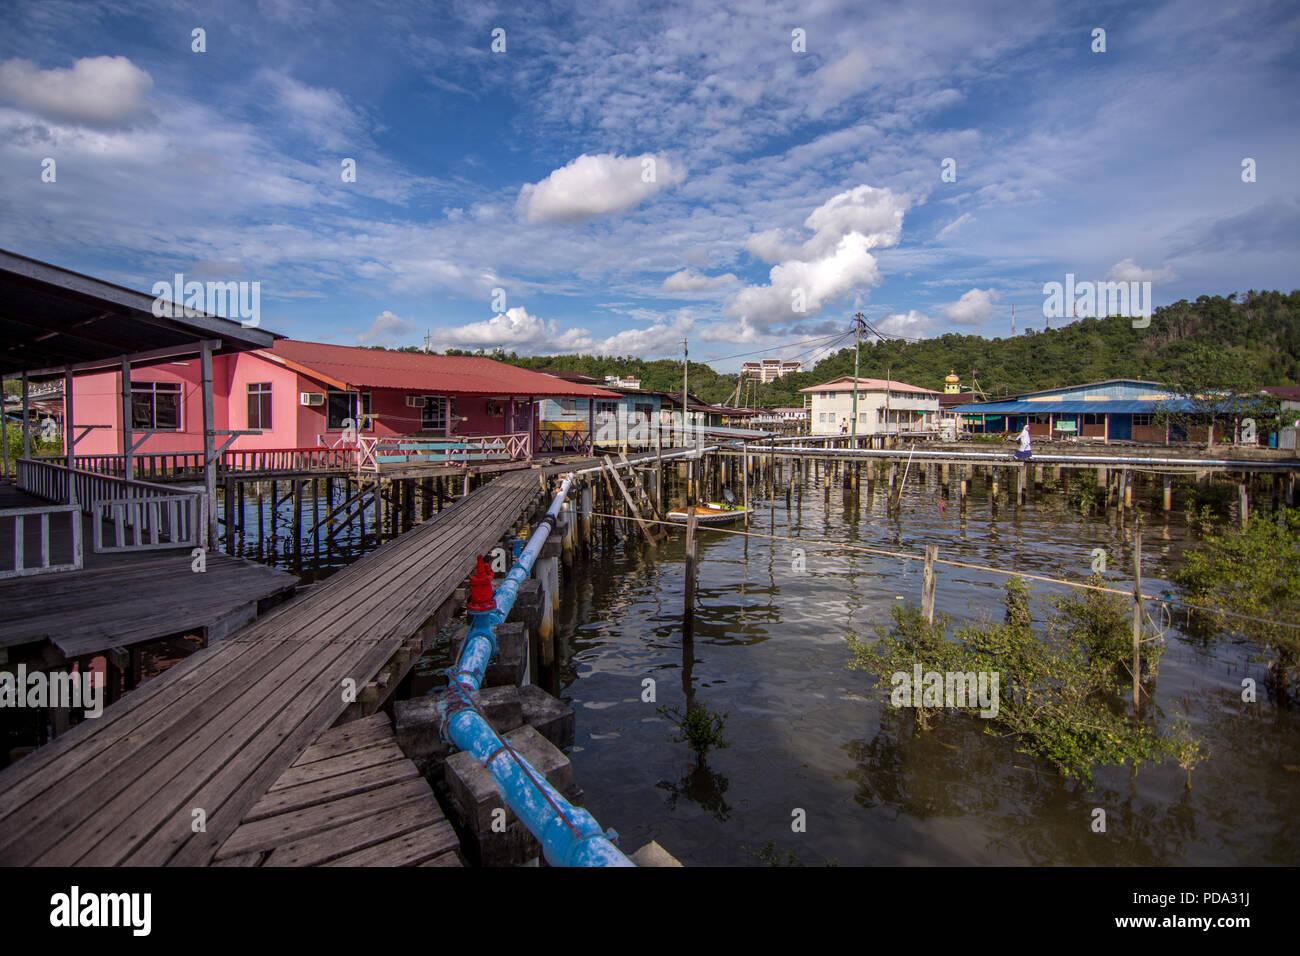 Sollevate le case galleggianti e a piedi i modi di insediamento storico Kampong Ayer, significato acqua village, in Bandar Seri Begawan, la città capitale di Br Immagini Stock